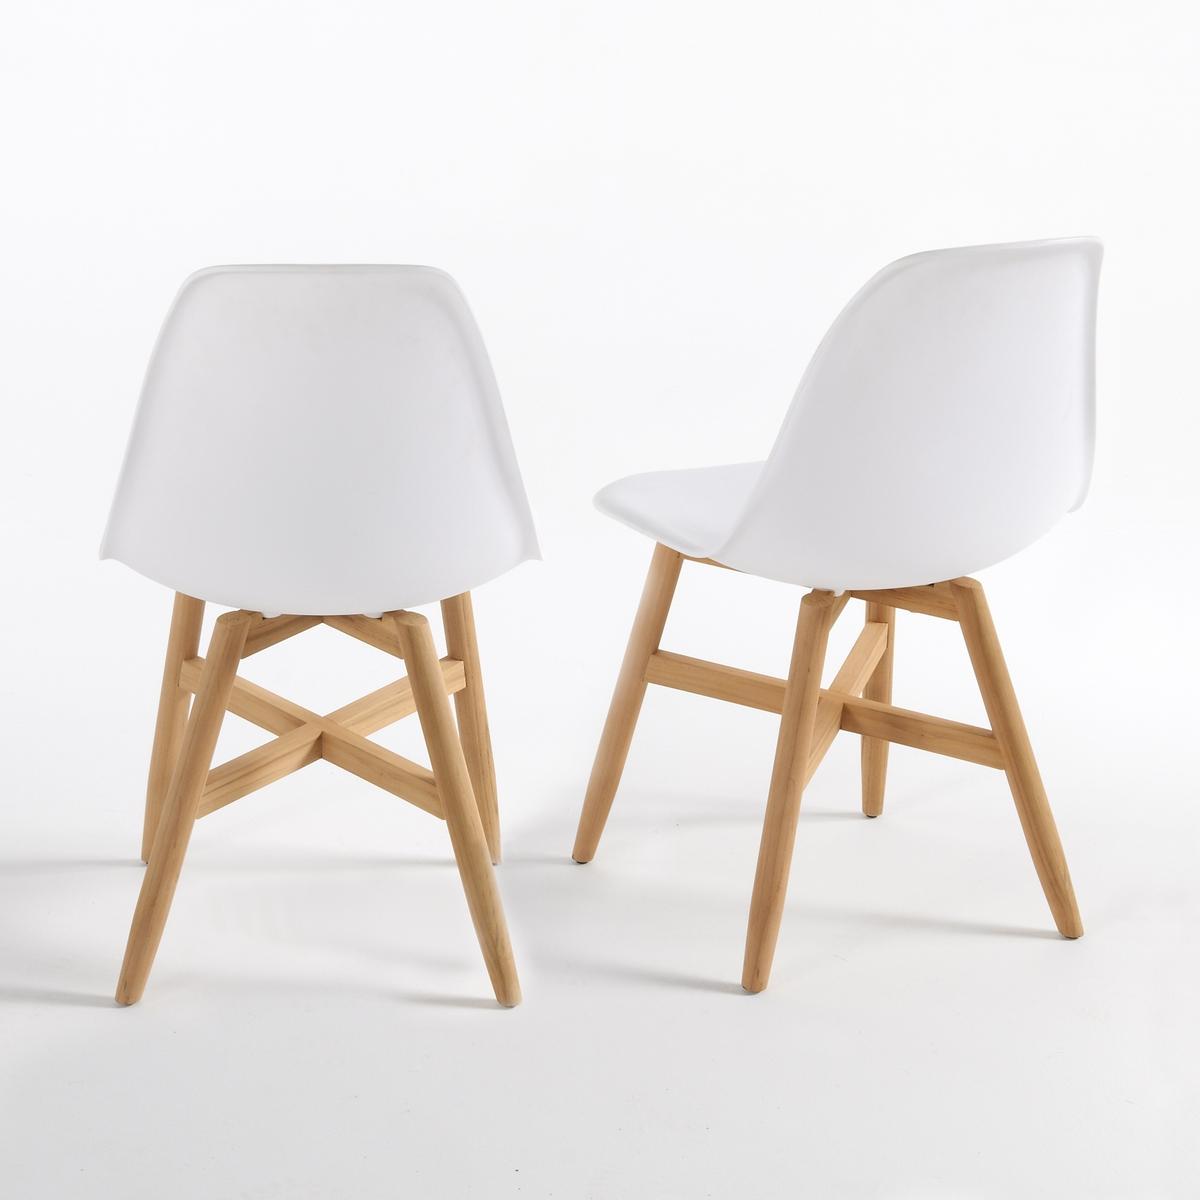 Комплект из 2 стульев для сада с сиденьем в форме раковины, Jimi2 стула для сада с сиденьем в форме раковины, Jimi. Популярные стулья для сада Jimi с прочным сиденьем в форме раковины из полипропилена и устойчивой ножкой из тика FSC®*. Характеристики стульев для сада в форме раковины Jimi :Сиденье из полипропилена .Расширяющиеся ножки из тика FSC®*, с натуральной отделкой .Всю коллекцию садовой мебели, а также кресла Jimi вы можете найти на сайте laredoute.ruРазмеры стульев для сада Jimi :Общие размерыДлина : 46 смВысота : 82 смГлубина : 40 смСиденье : Ш.41,5 x Г.47 см Размеры и вес упаковки :1 упаковка :60 x 56 x В.51 см 9 кгДоставка:Товар продается готовым к сборке.Возможна доставка до двери по предварительной договоренности.Внимание! Убедитесь, что возможно осуществить доставку товара, учитывая его габариты (проходит в дверные проемы, лестничные проходы, лифты).*Ярлык FSC - Международный Лесной попечительский совет- гарантирует бережное использование природных ресурсов, сохранение биологического разнообразия и местных видов ® 1996 FSC.<br><br>Цвет: белый,черный